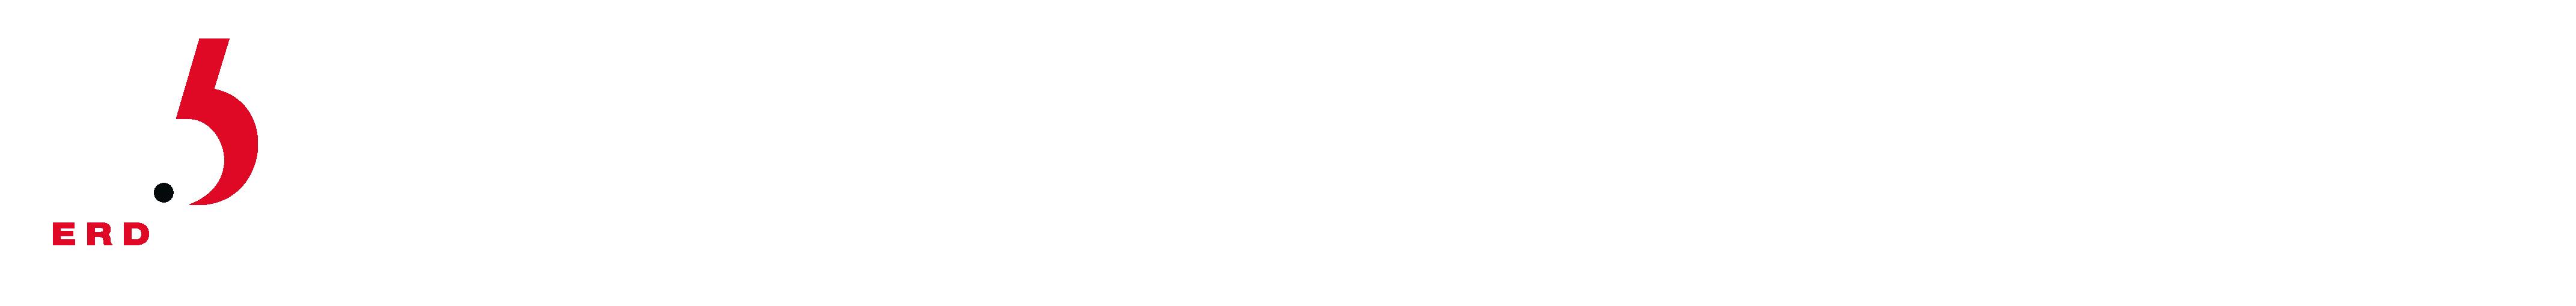 logo baeck-weiss